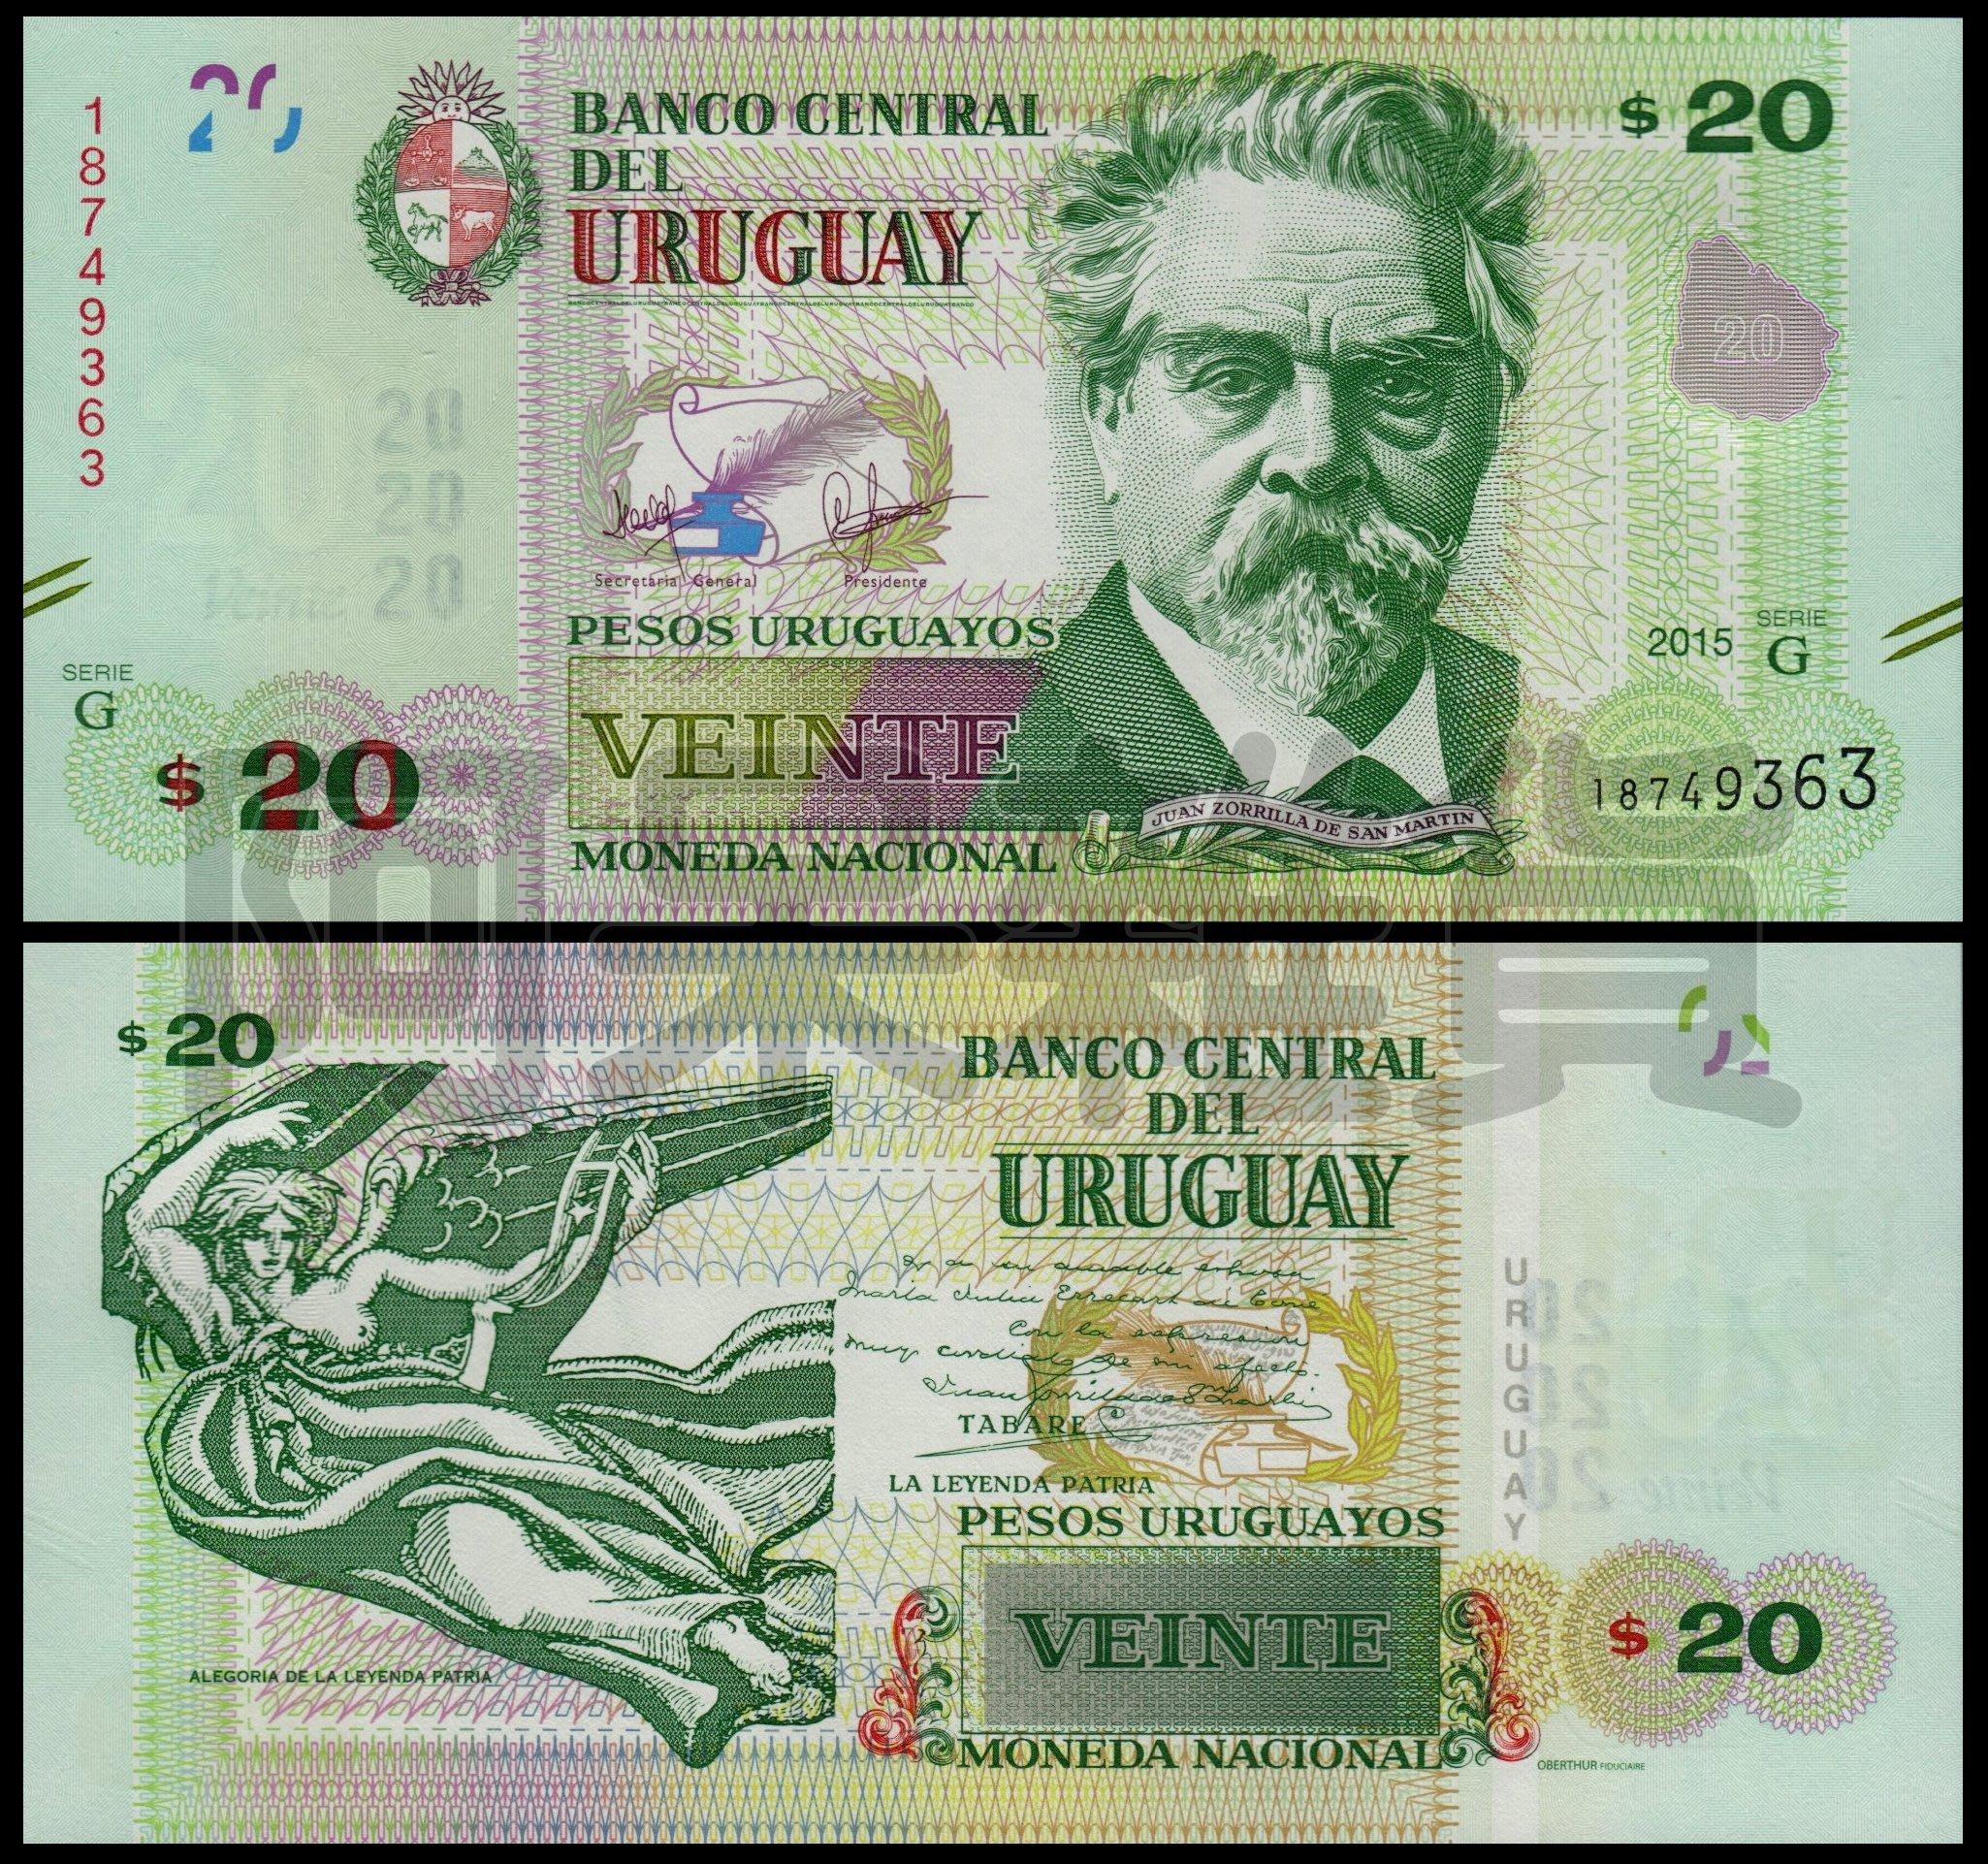 森羅本舖 現貨實拍 烏拉圭 20 比索 南美洲 2015年 鈔票 錢幣 紙鈔 幣 天使 詩人 民族寓言 綠色 五色錢